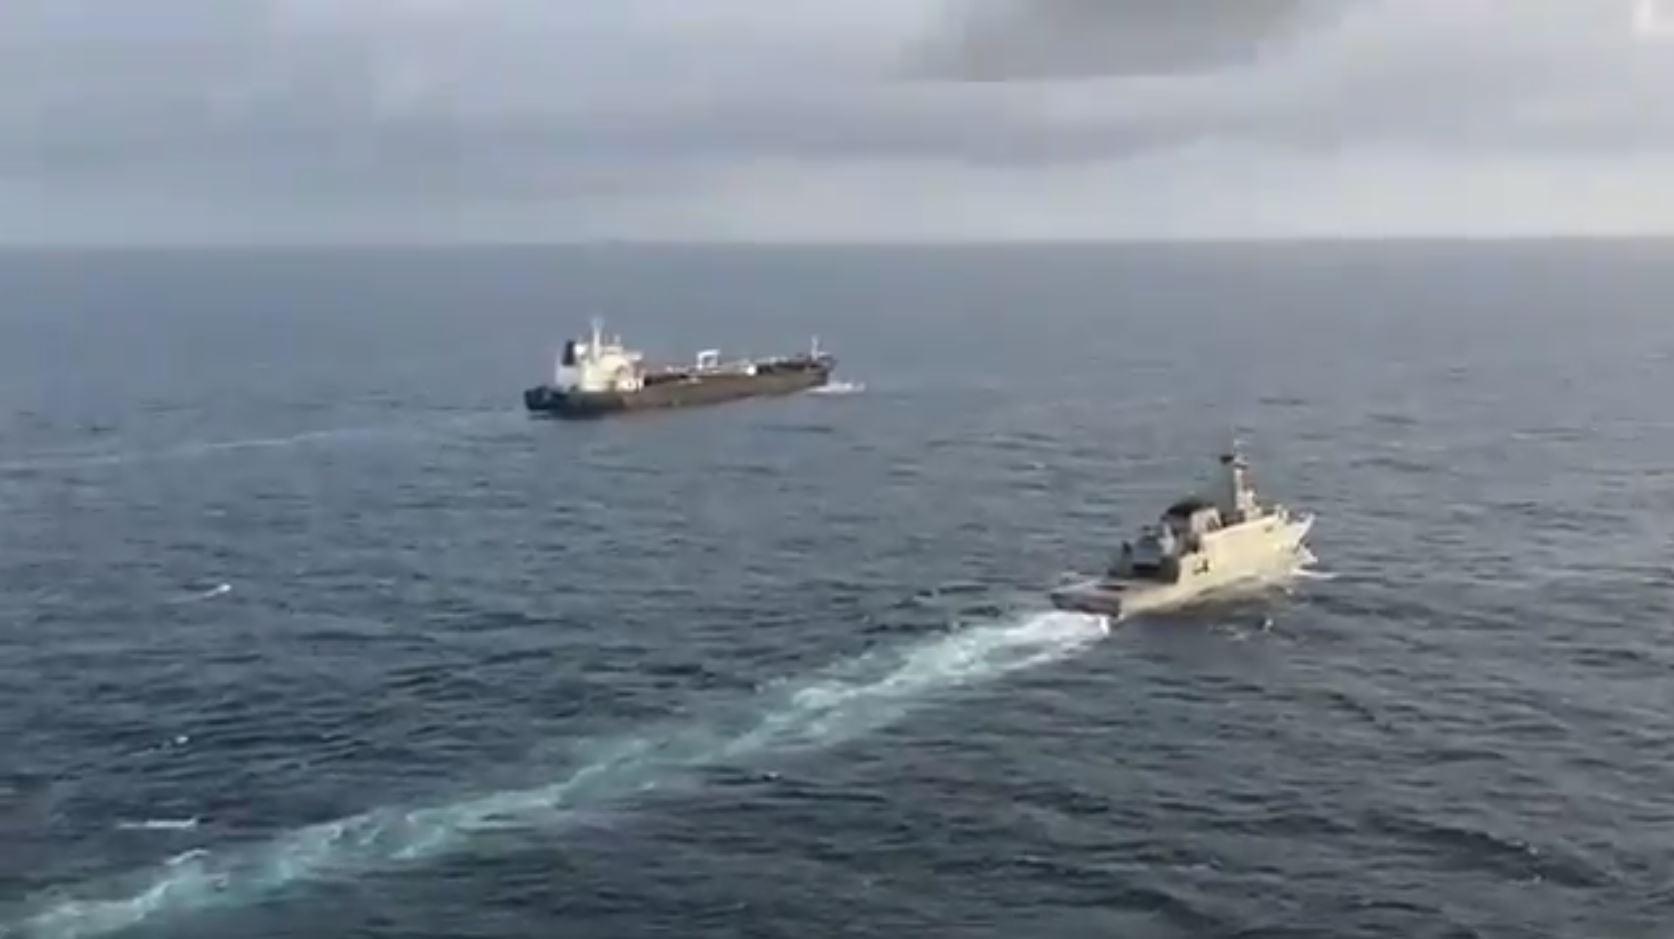 شاهد.. حماية عسكرية فنزويليةترافق ناقلات وقود إيرانيةقادمة إليها!